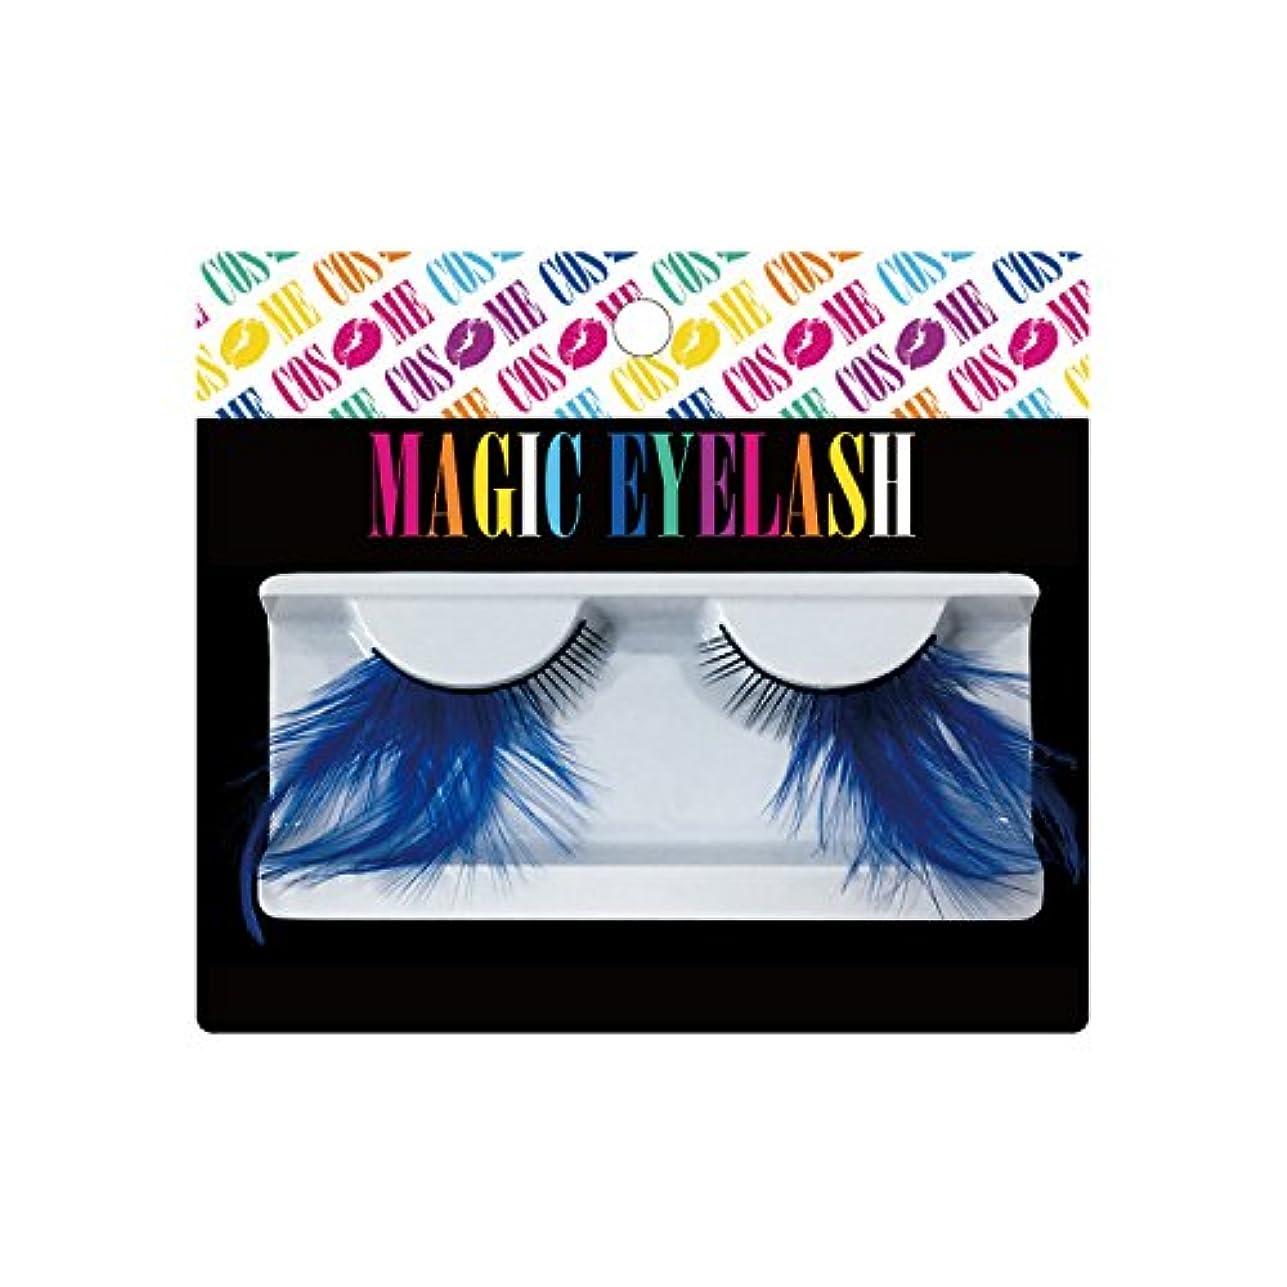 フィットなめらかなちょうつがいピュア つけまつげ MAGIC EYELASH マジック アイラッシュ #22